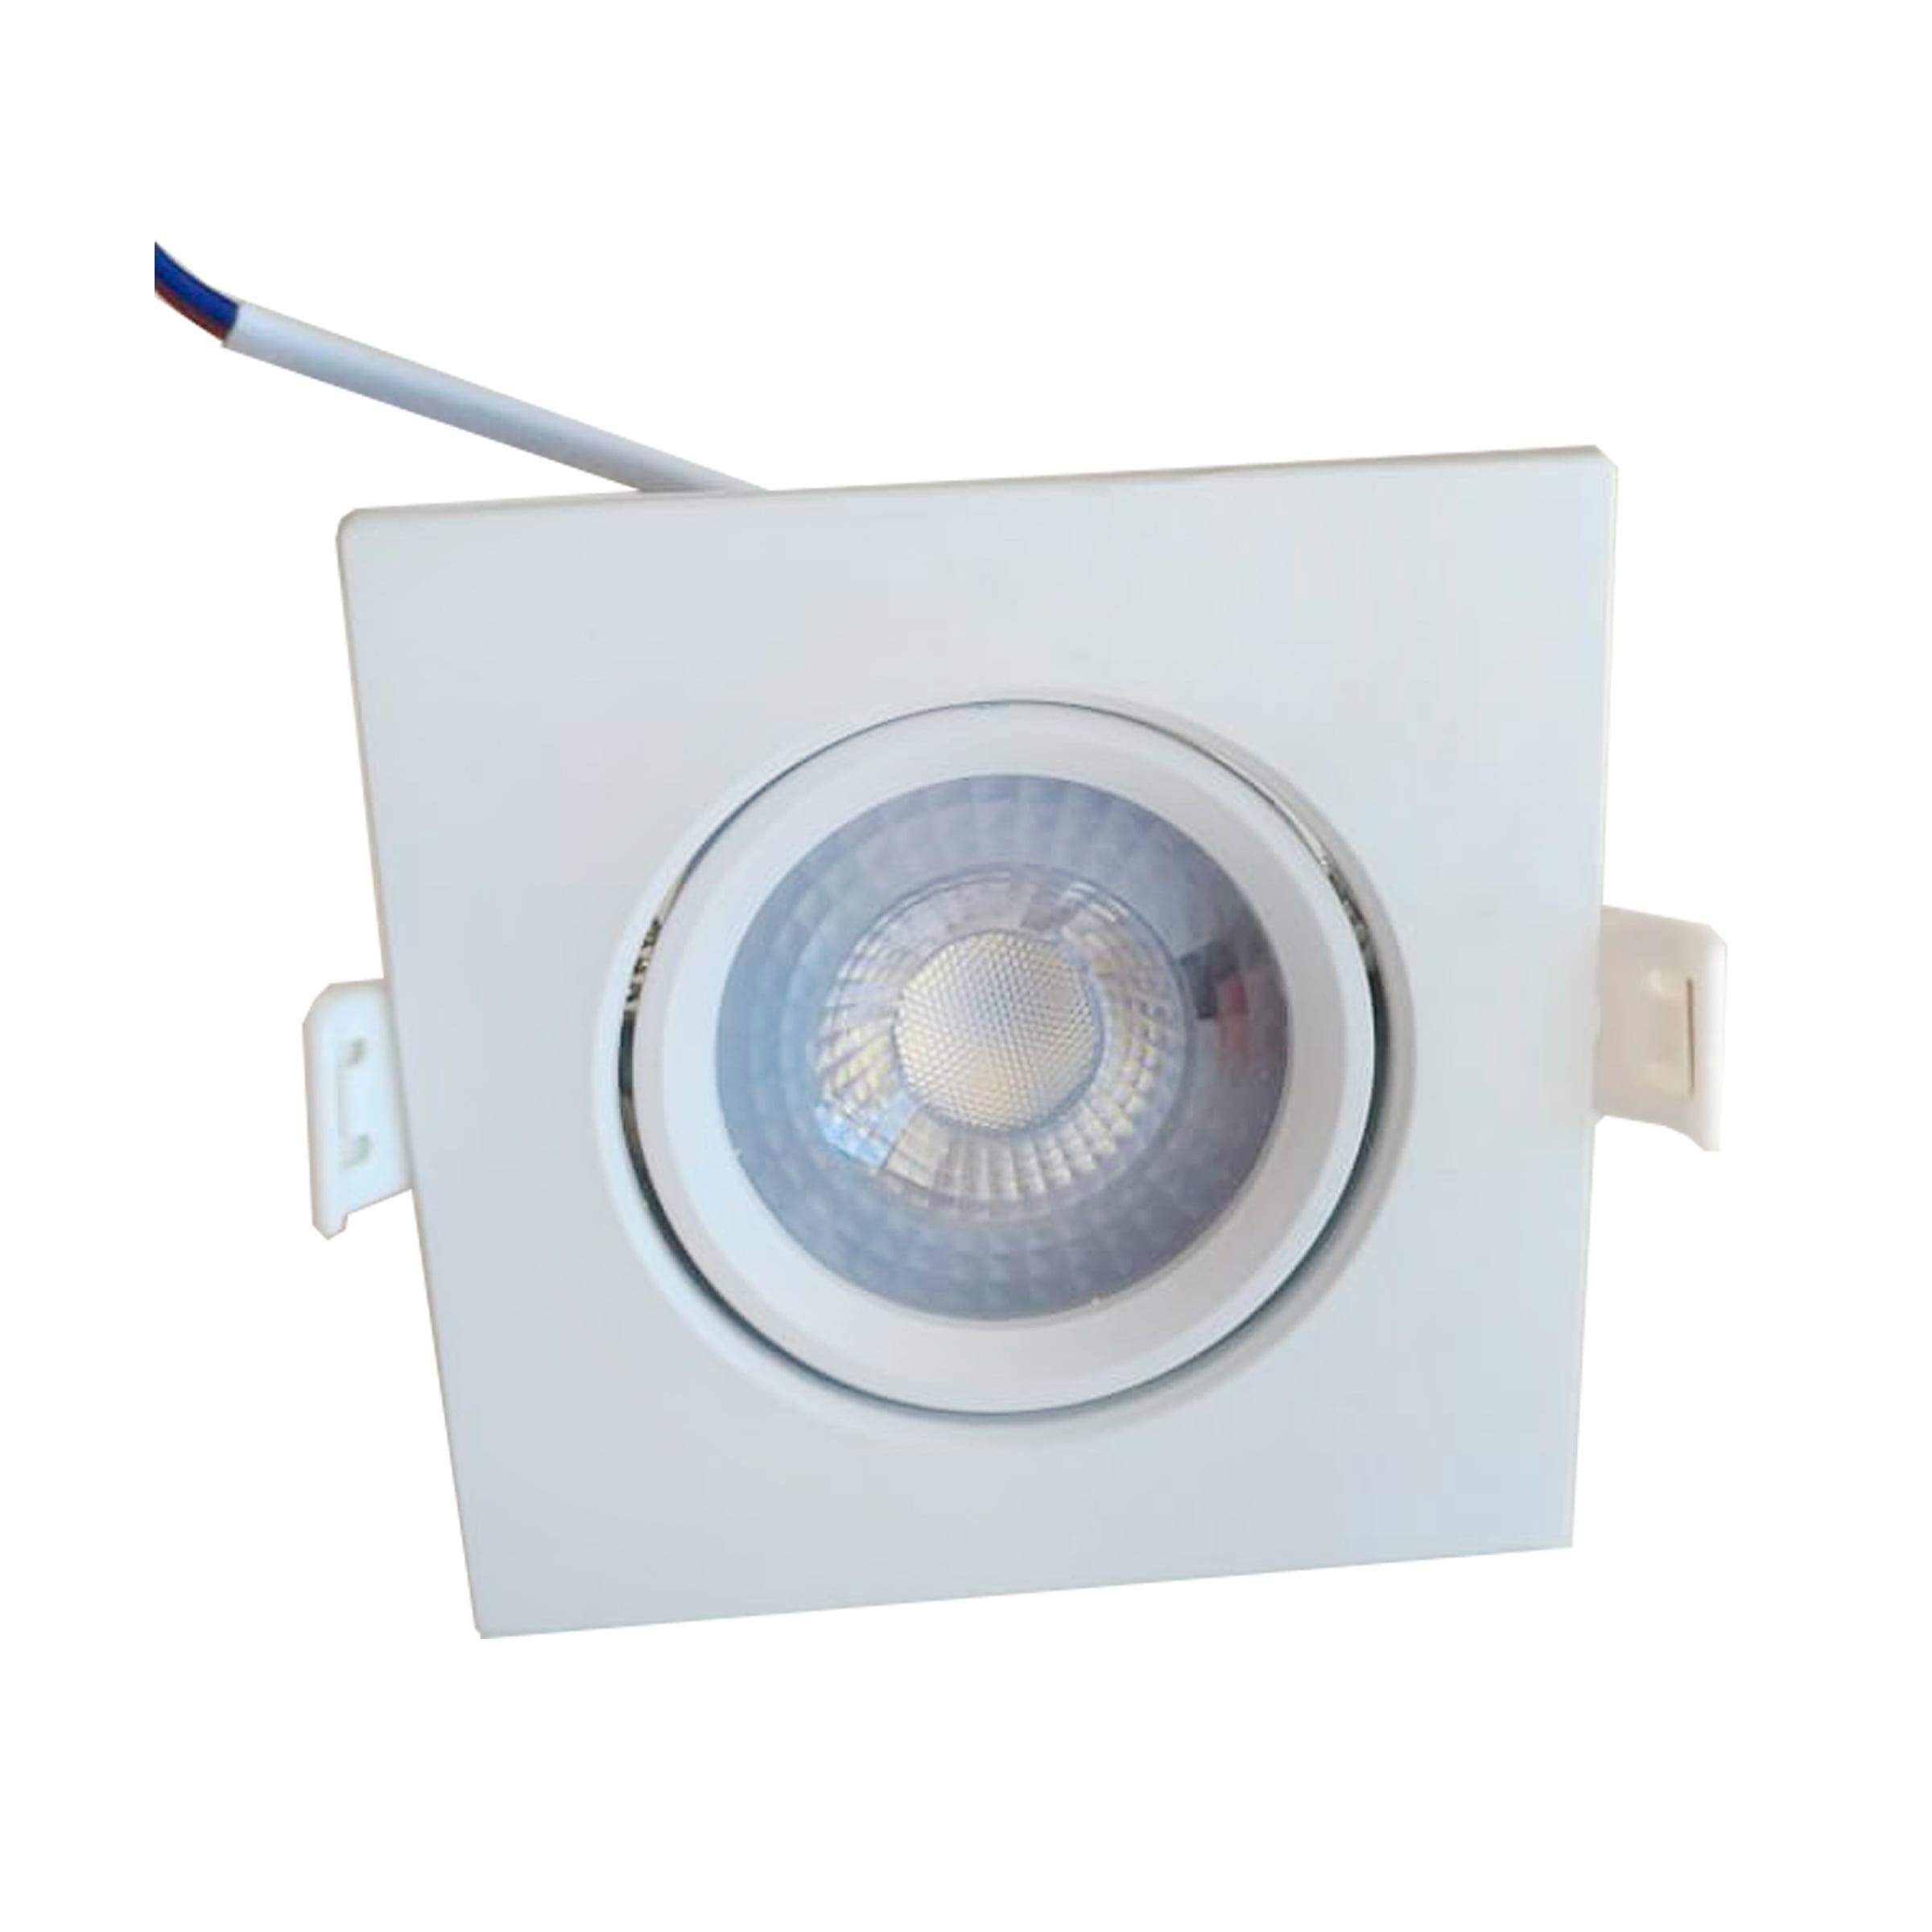 SPOT DICROICA LED EMBUTIR QUADRADO 5W